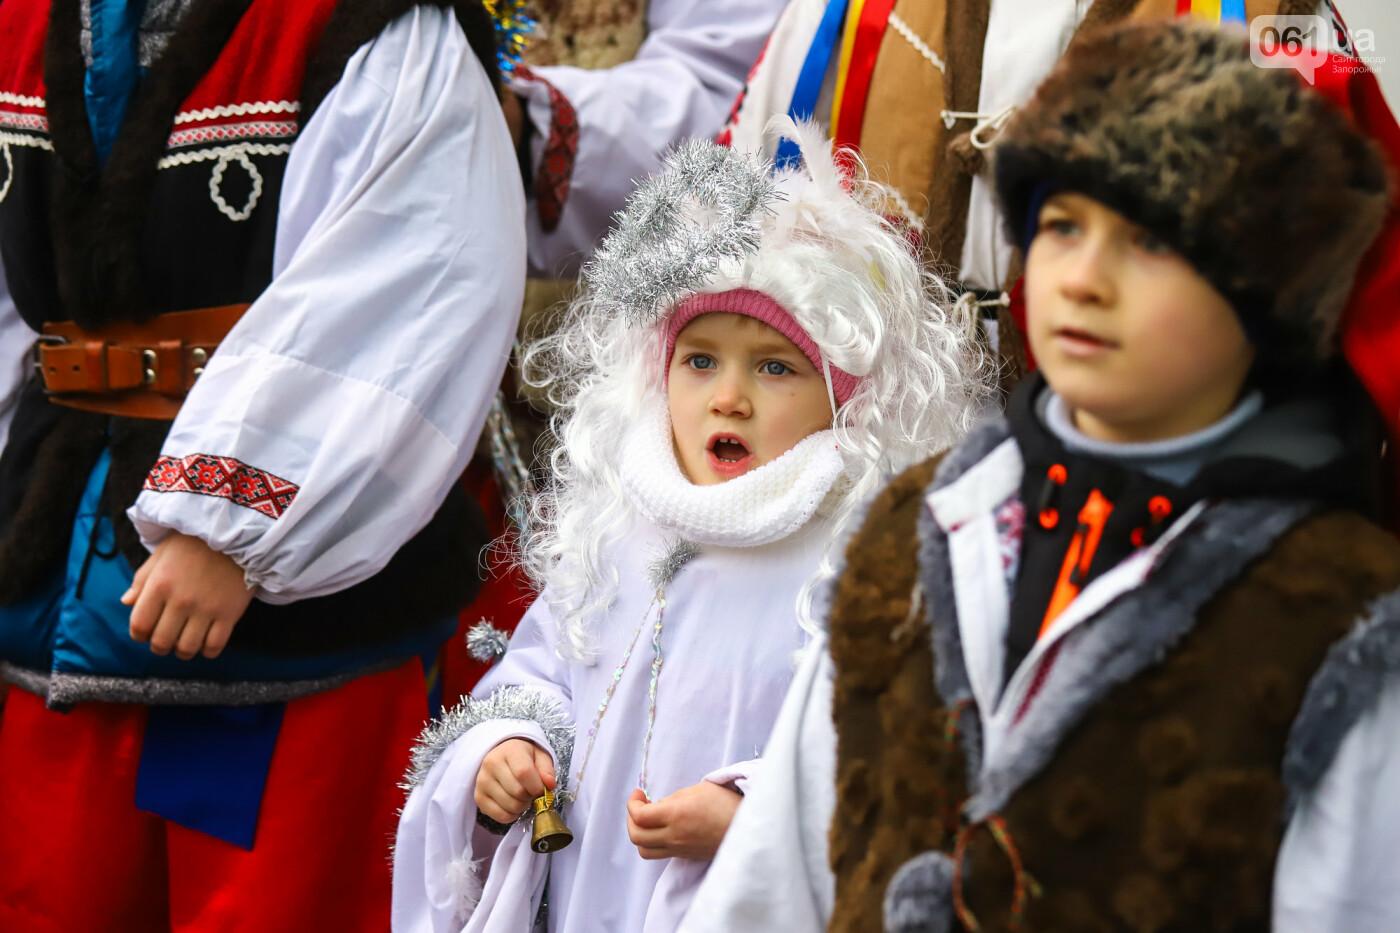 Нечистая сила против казаков: на улицах Запорожья показывали Рождественский вертеп, - ФОТО, ВИДЕО  , фото-22